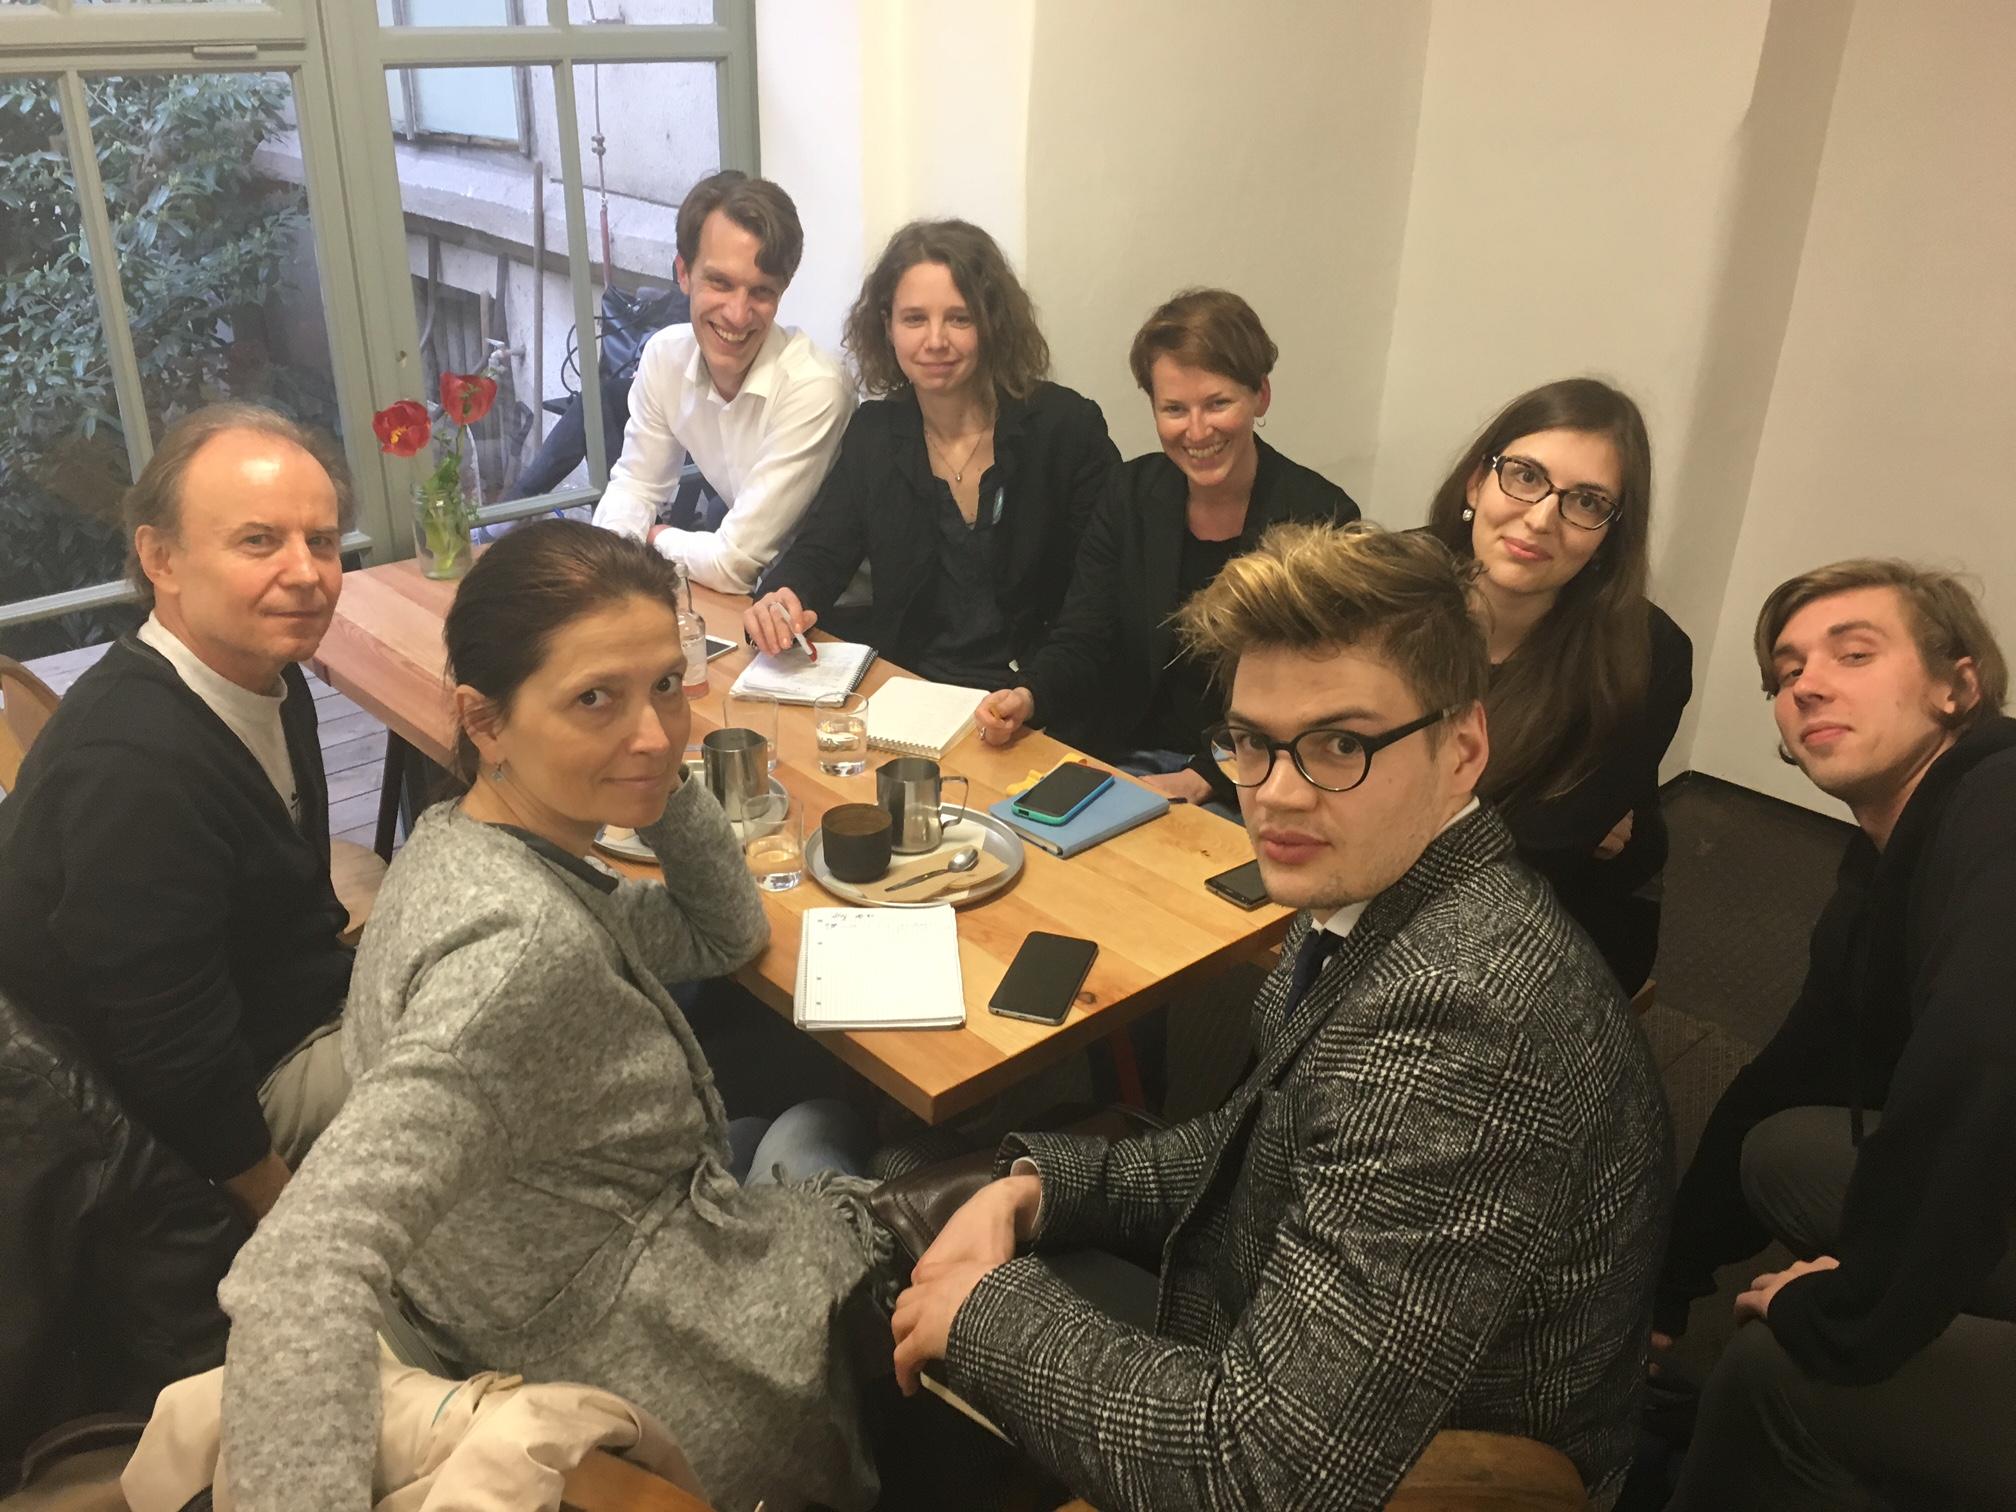 Kauza Panama Papers spojila české investigativní novináře. Prověří společně data